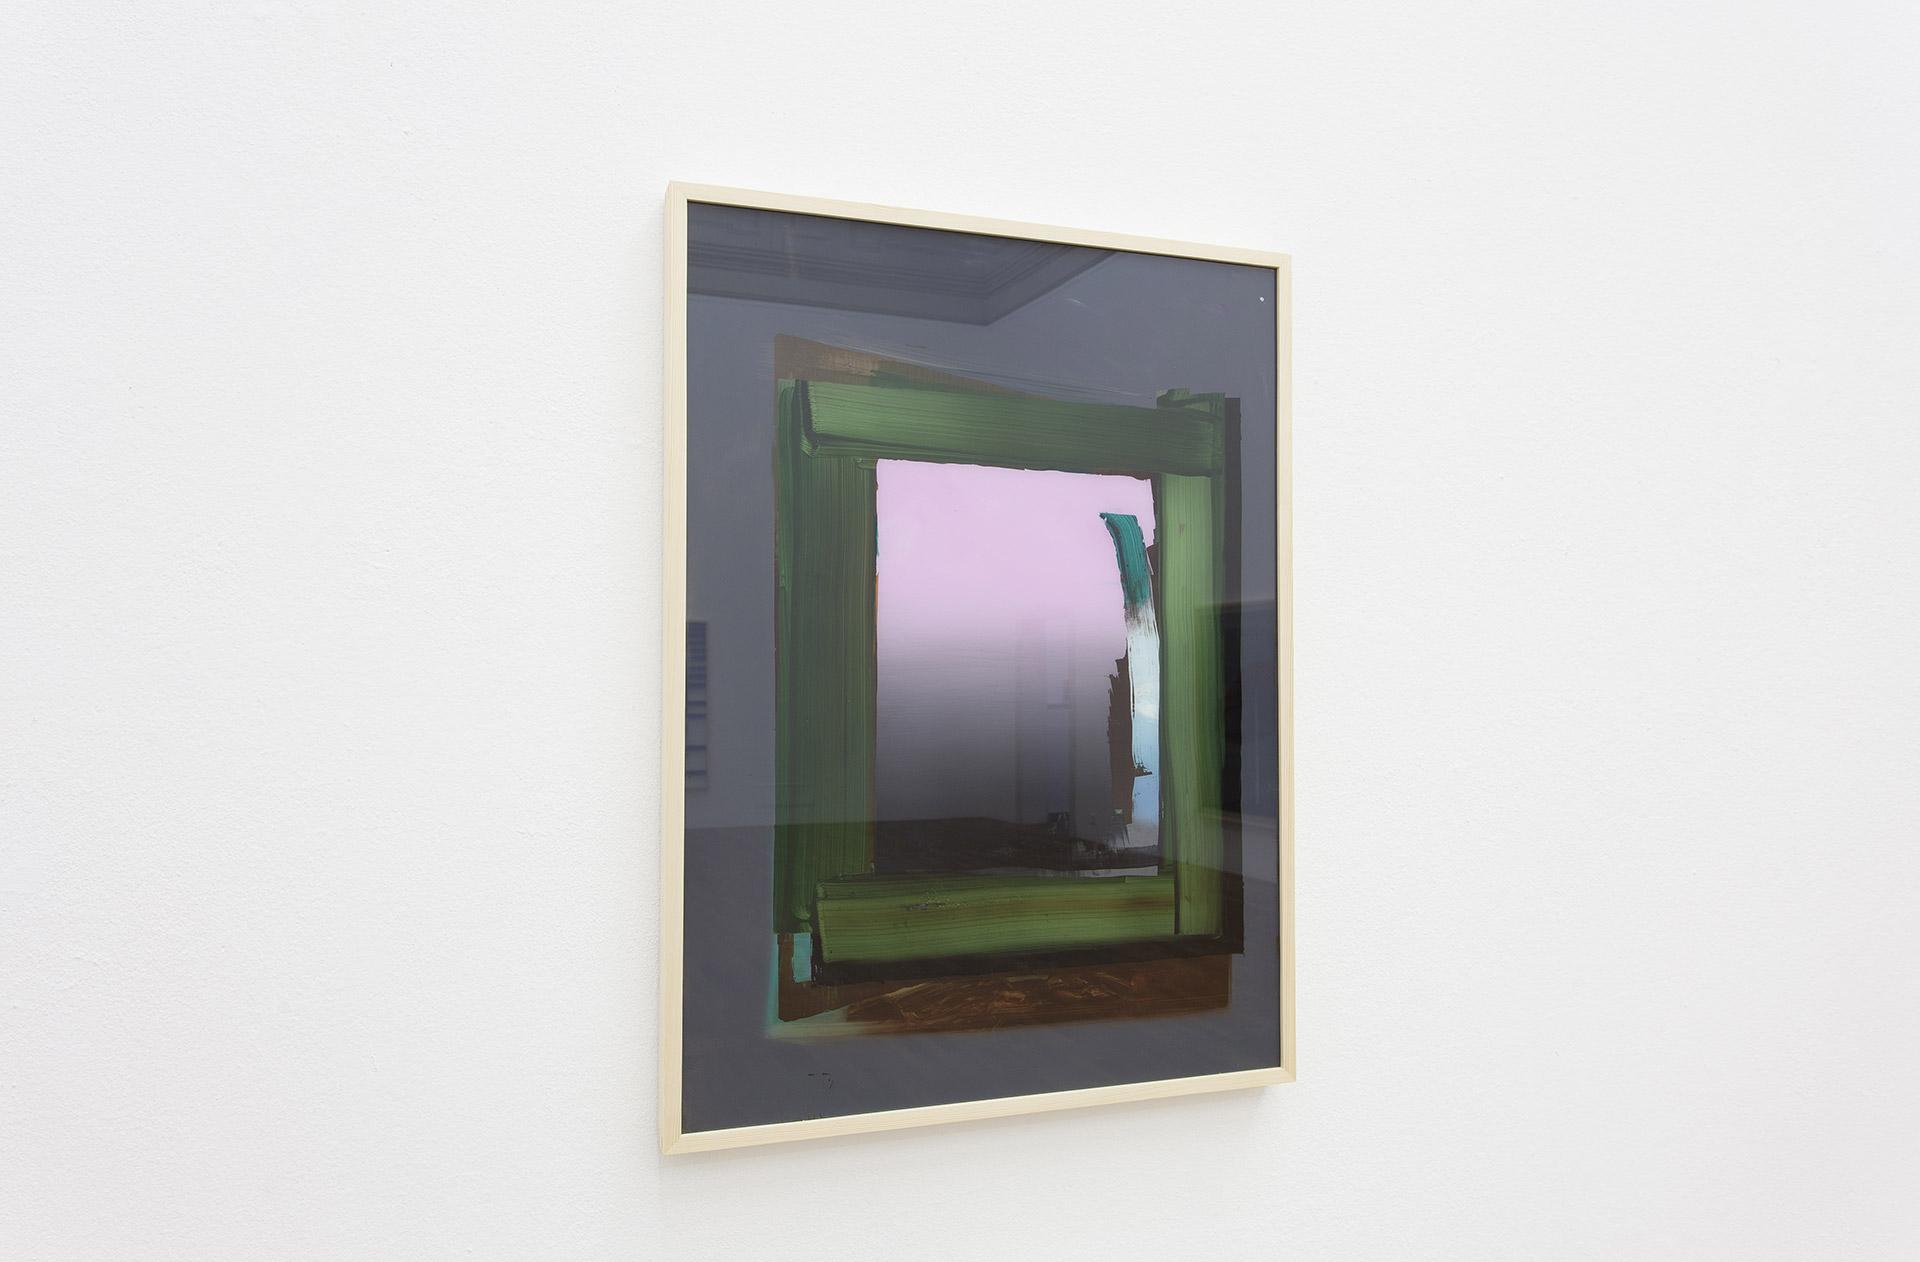 Kunsthalle-Winterthur-Daniel-Karrer-2.jpg